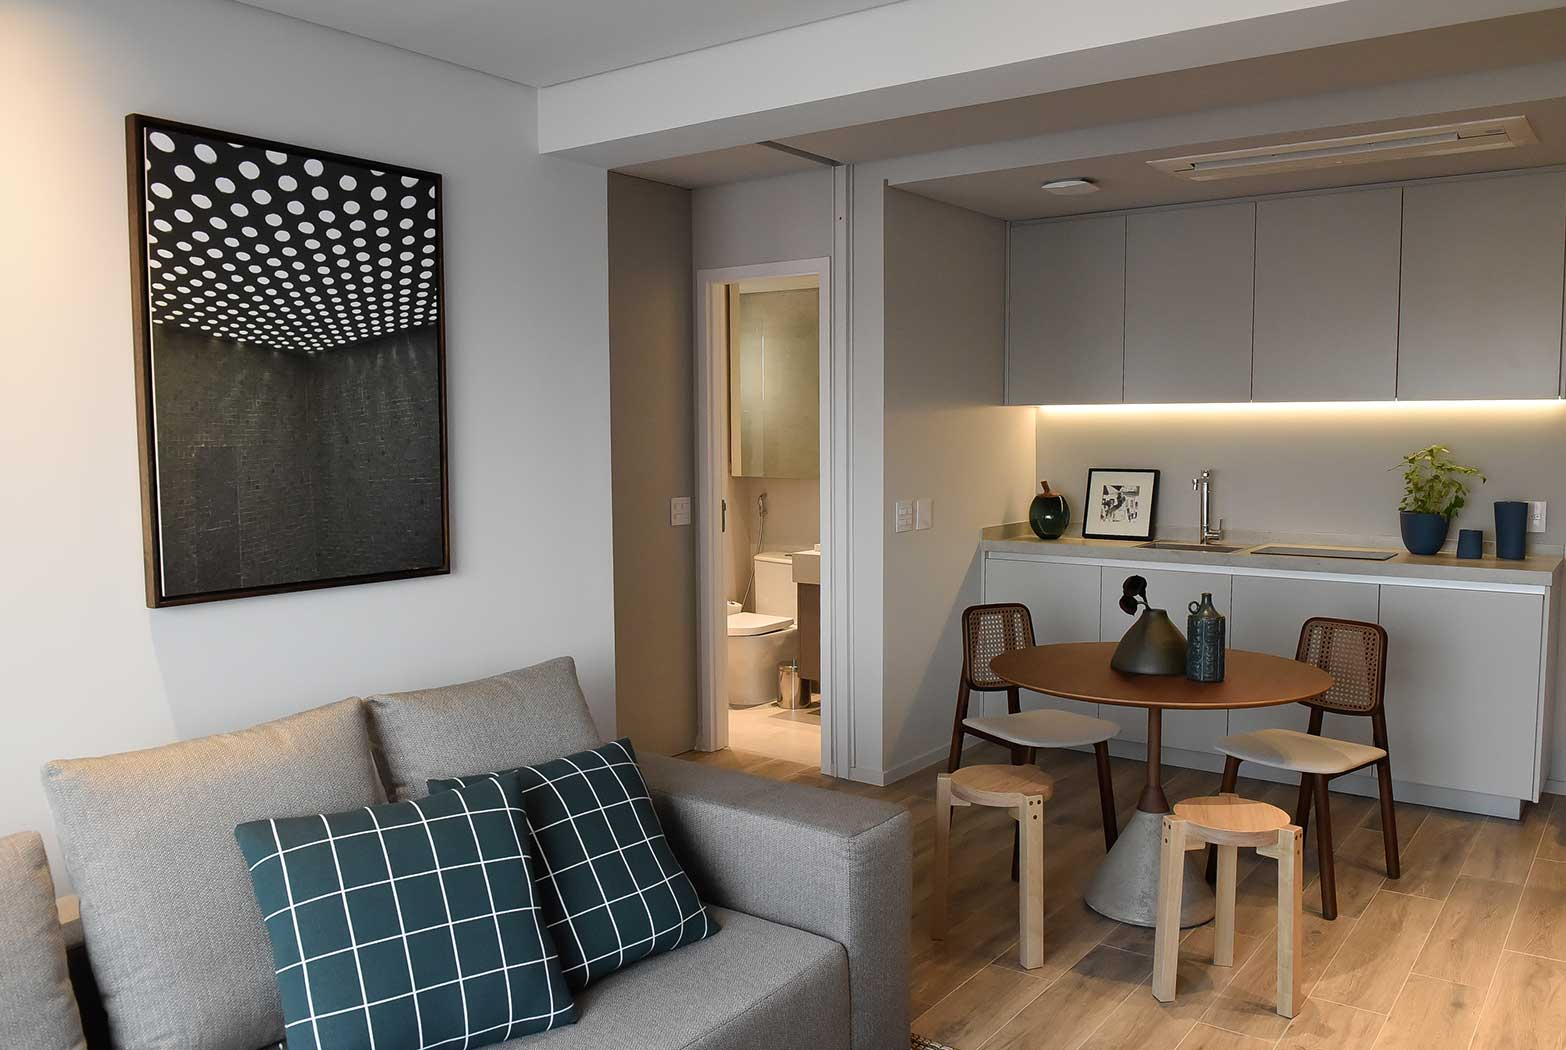 VO699 Apartamentos2 - VO699 | Landing Page